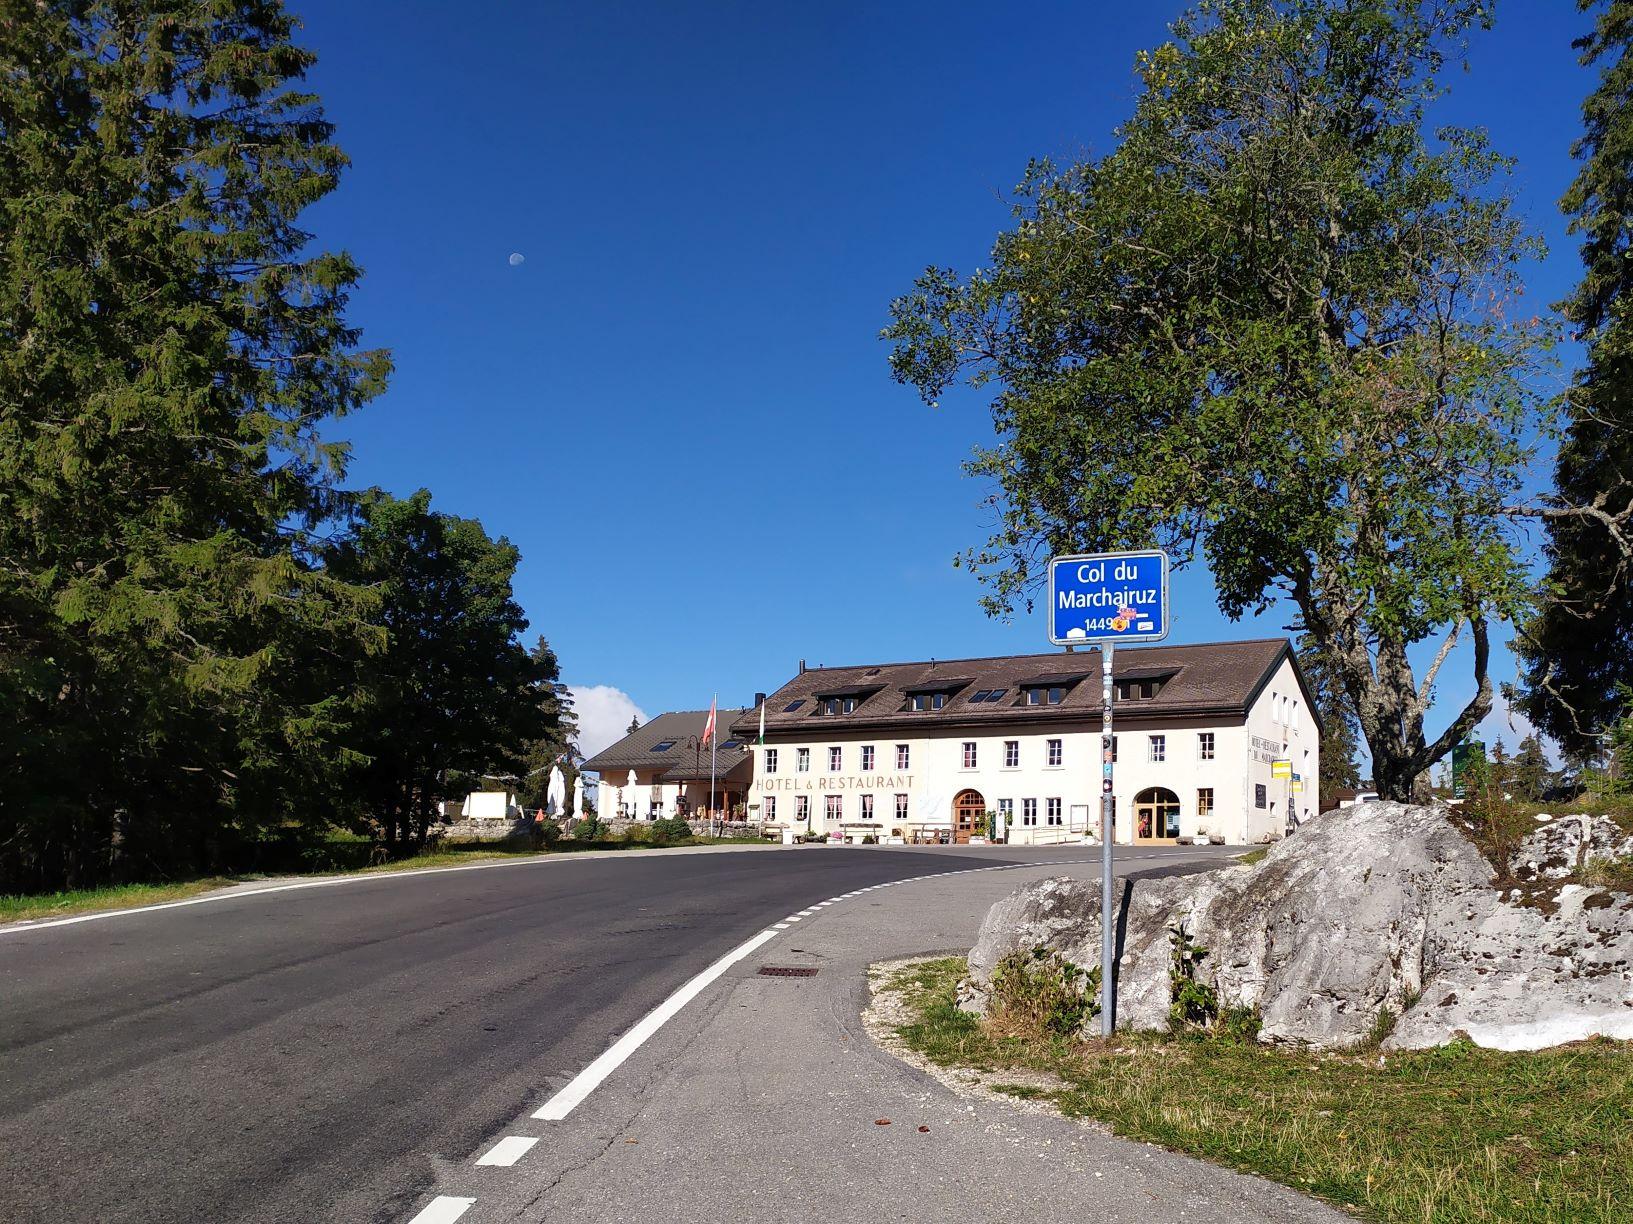 L'Espace découvertes du Parc se trouve dans le bâtiment de l'Hôtel du  Marchairuz.